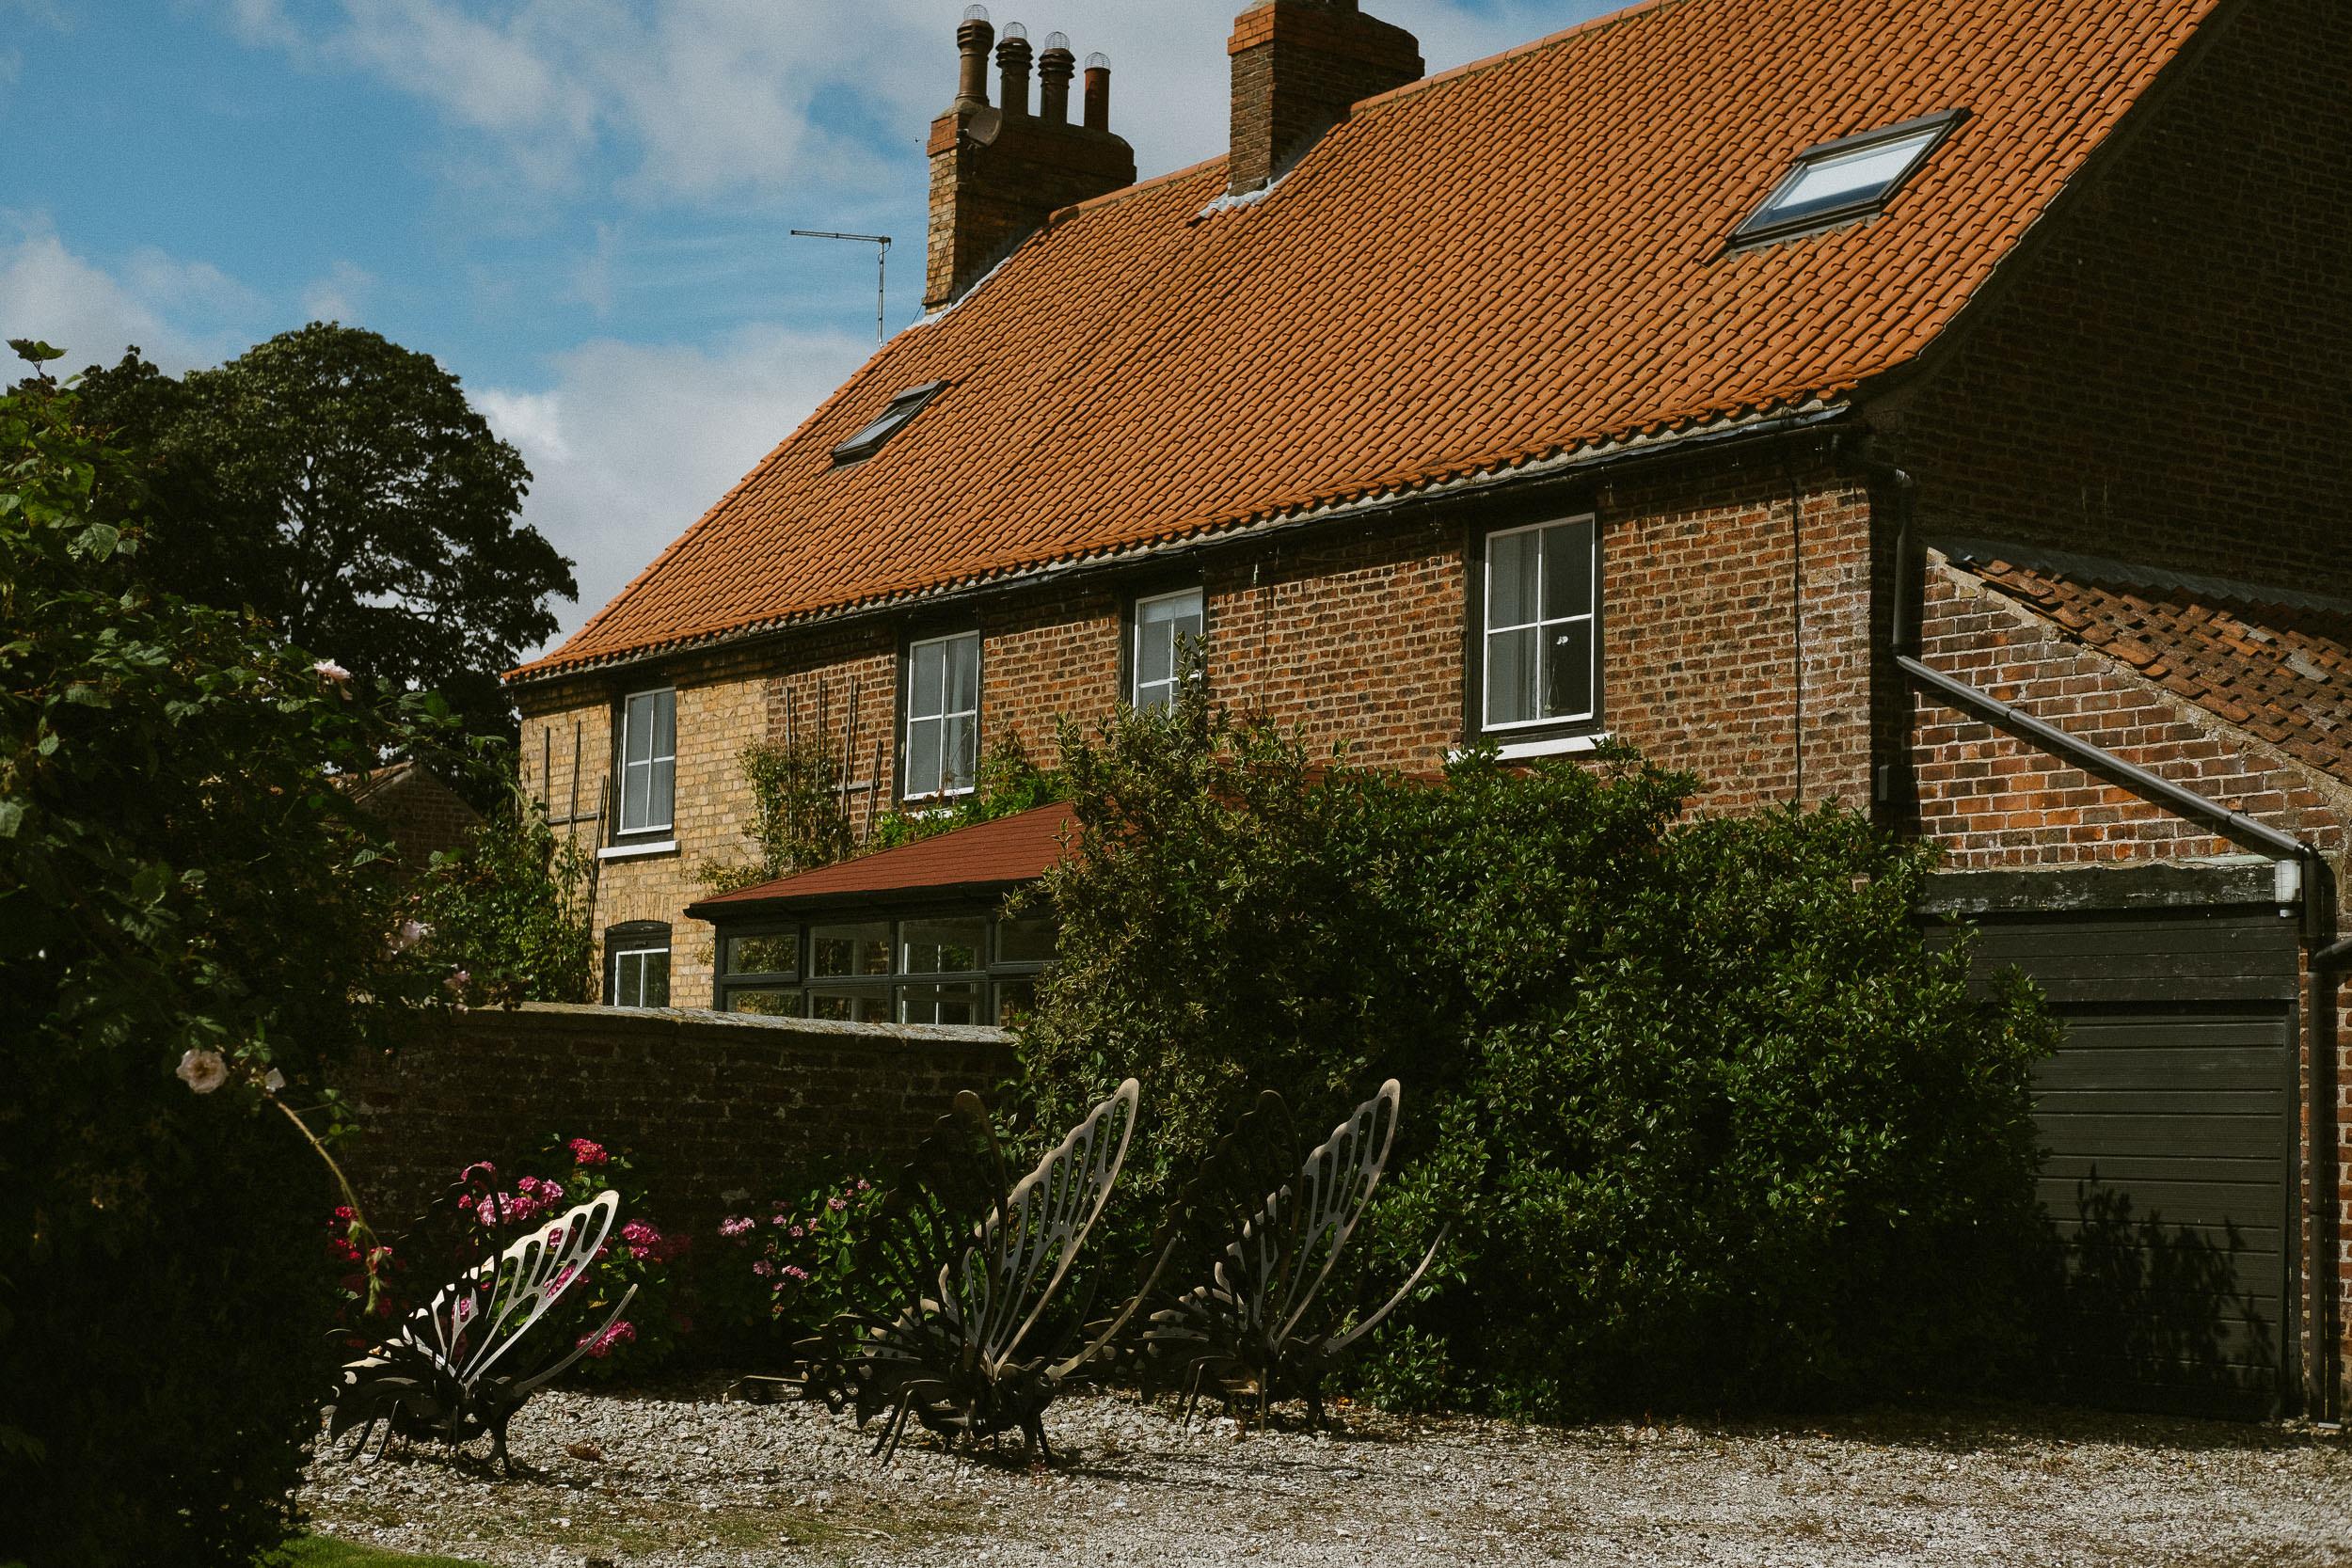 Dale Farm Yorkshire wedding venue by Barry Forshaw-0006.jpg